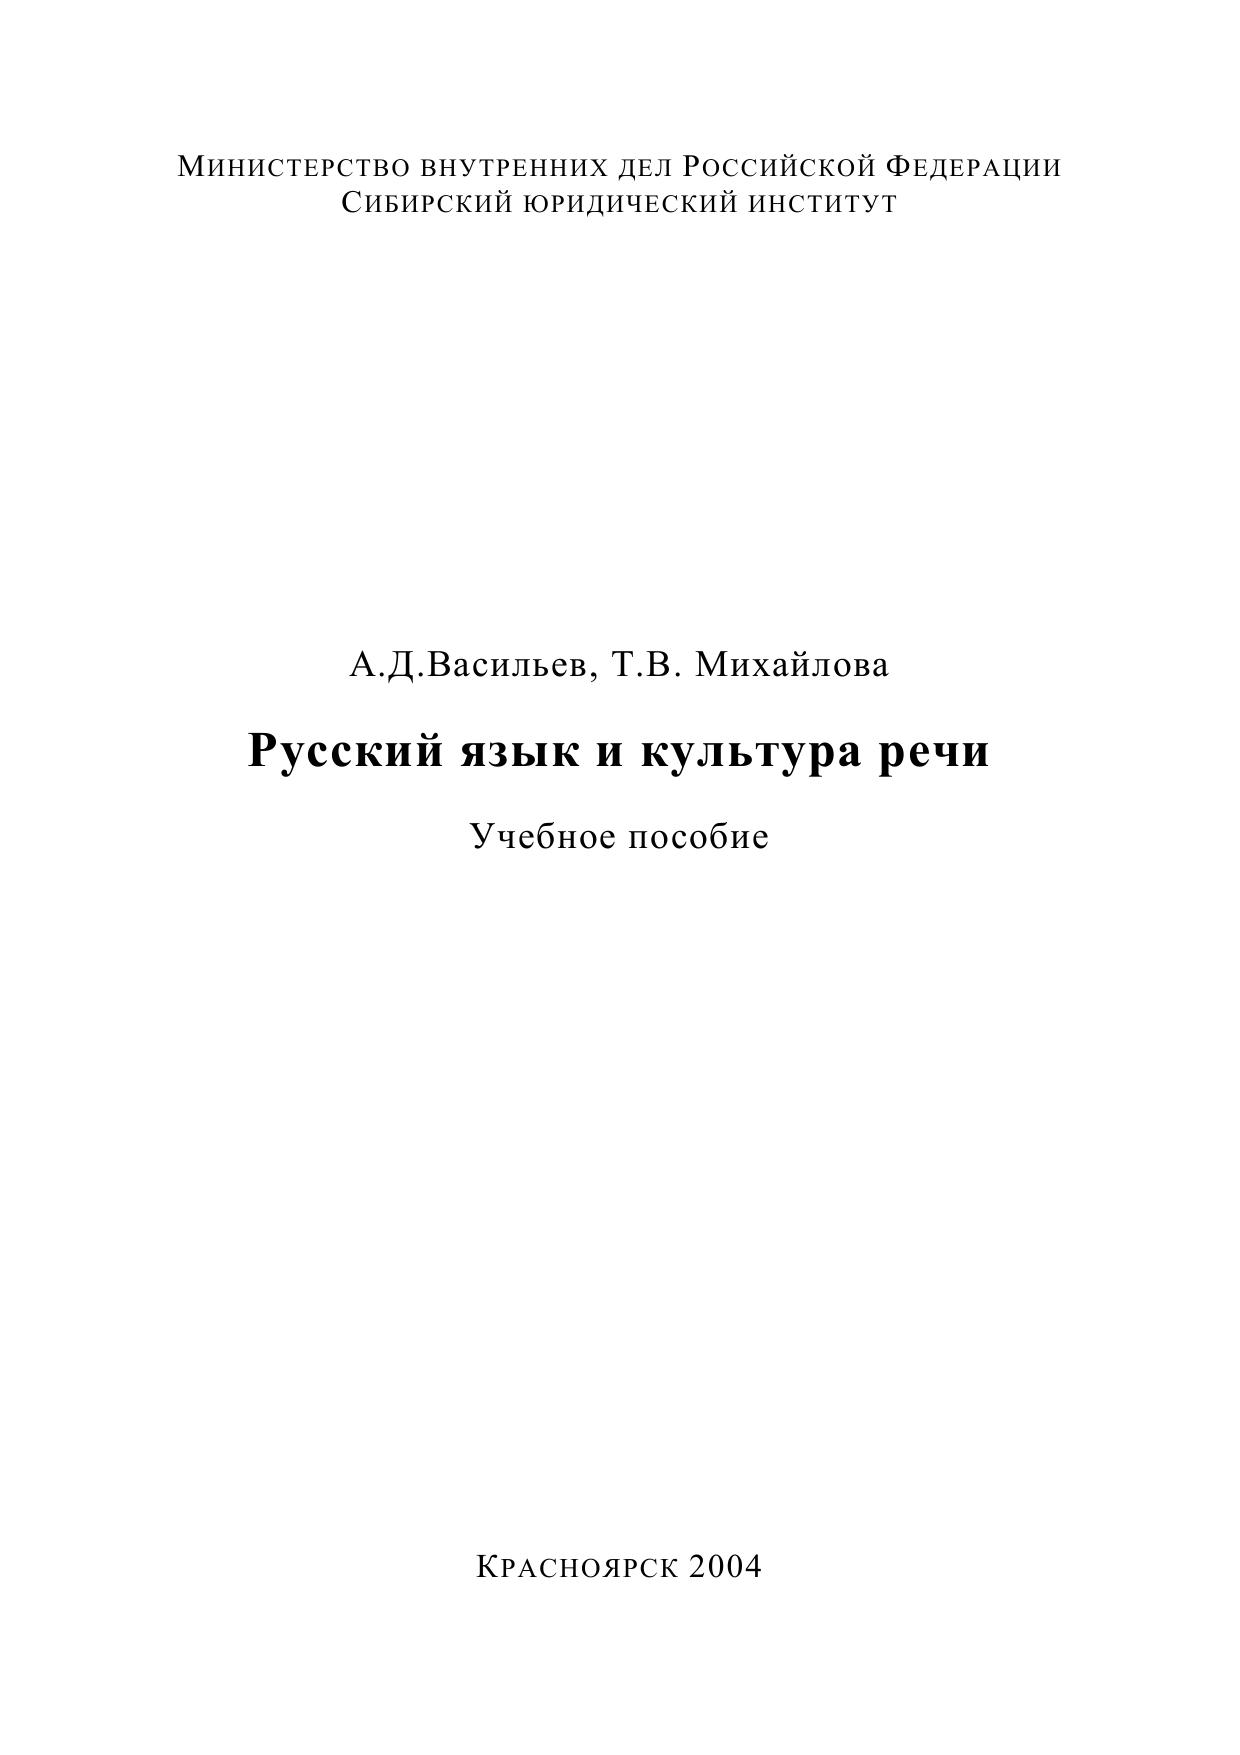 Постельная Сцена С Клэр Форлани – Цыганские Глаза (1992)